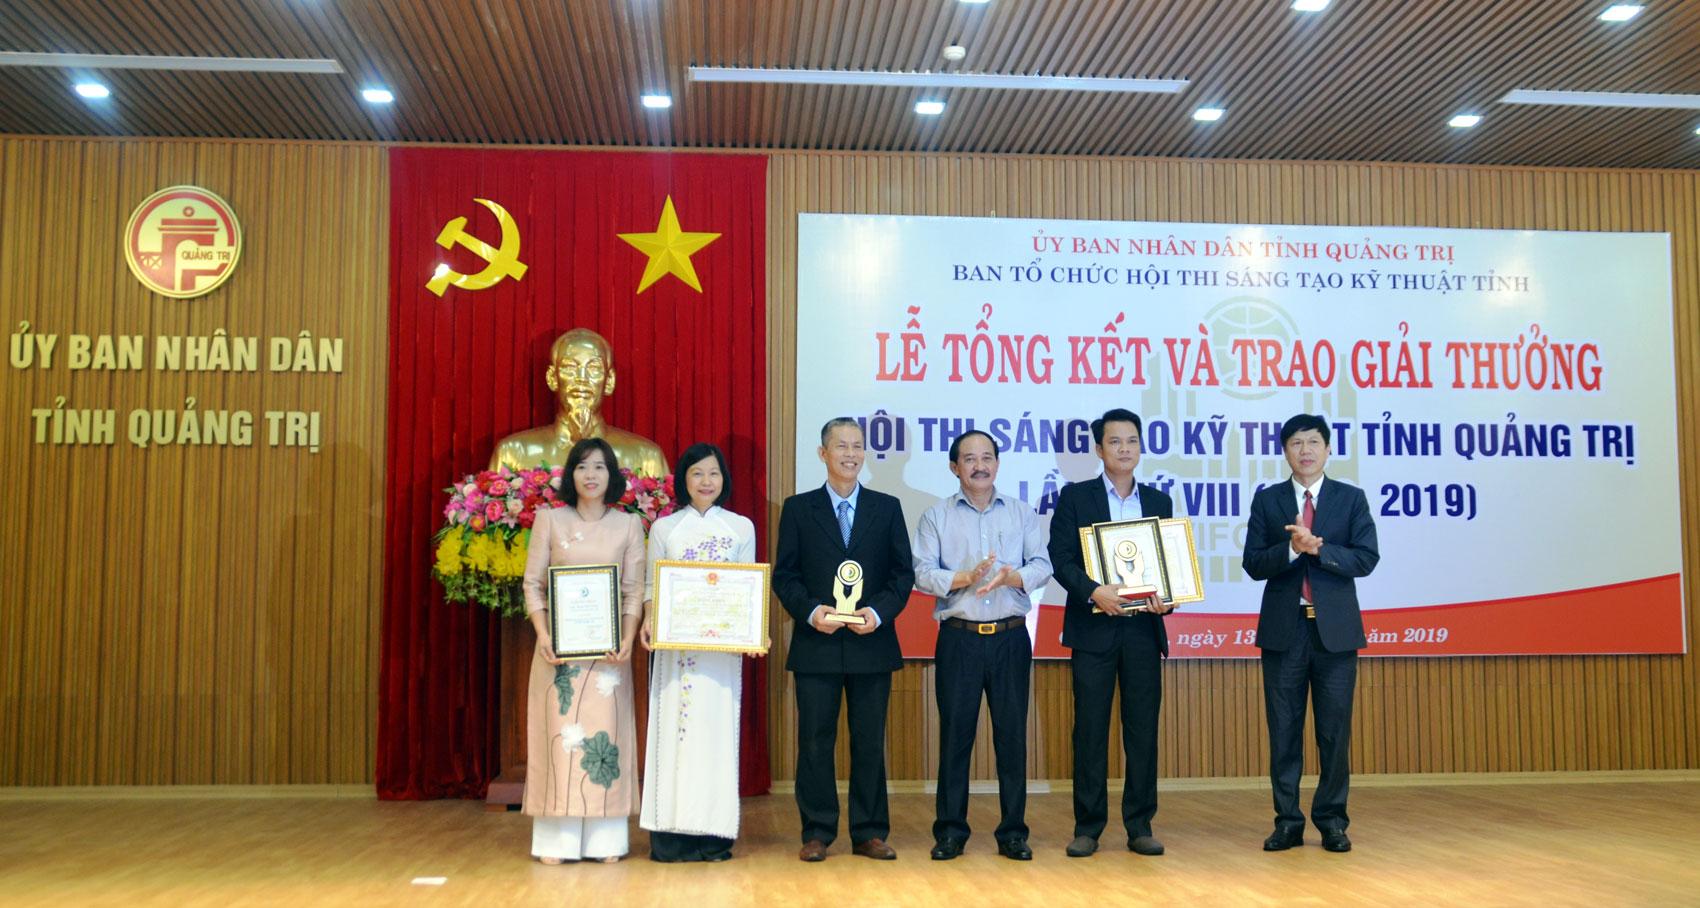 84 đề tài, giải pháp tham gia Hội thi sáng tạo KT tỉnh Quảng Trị lần thứ VIII